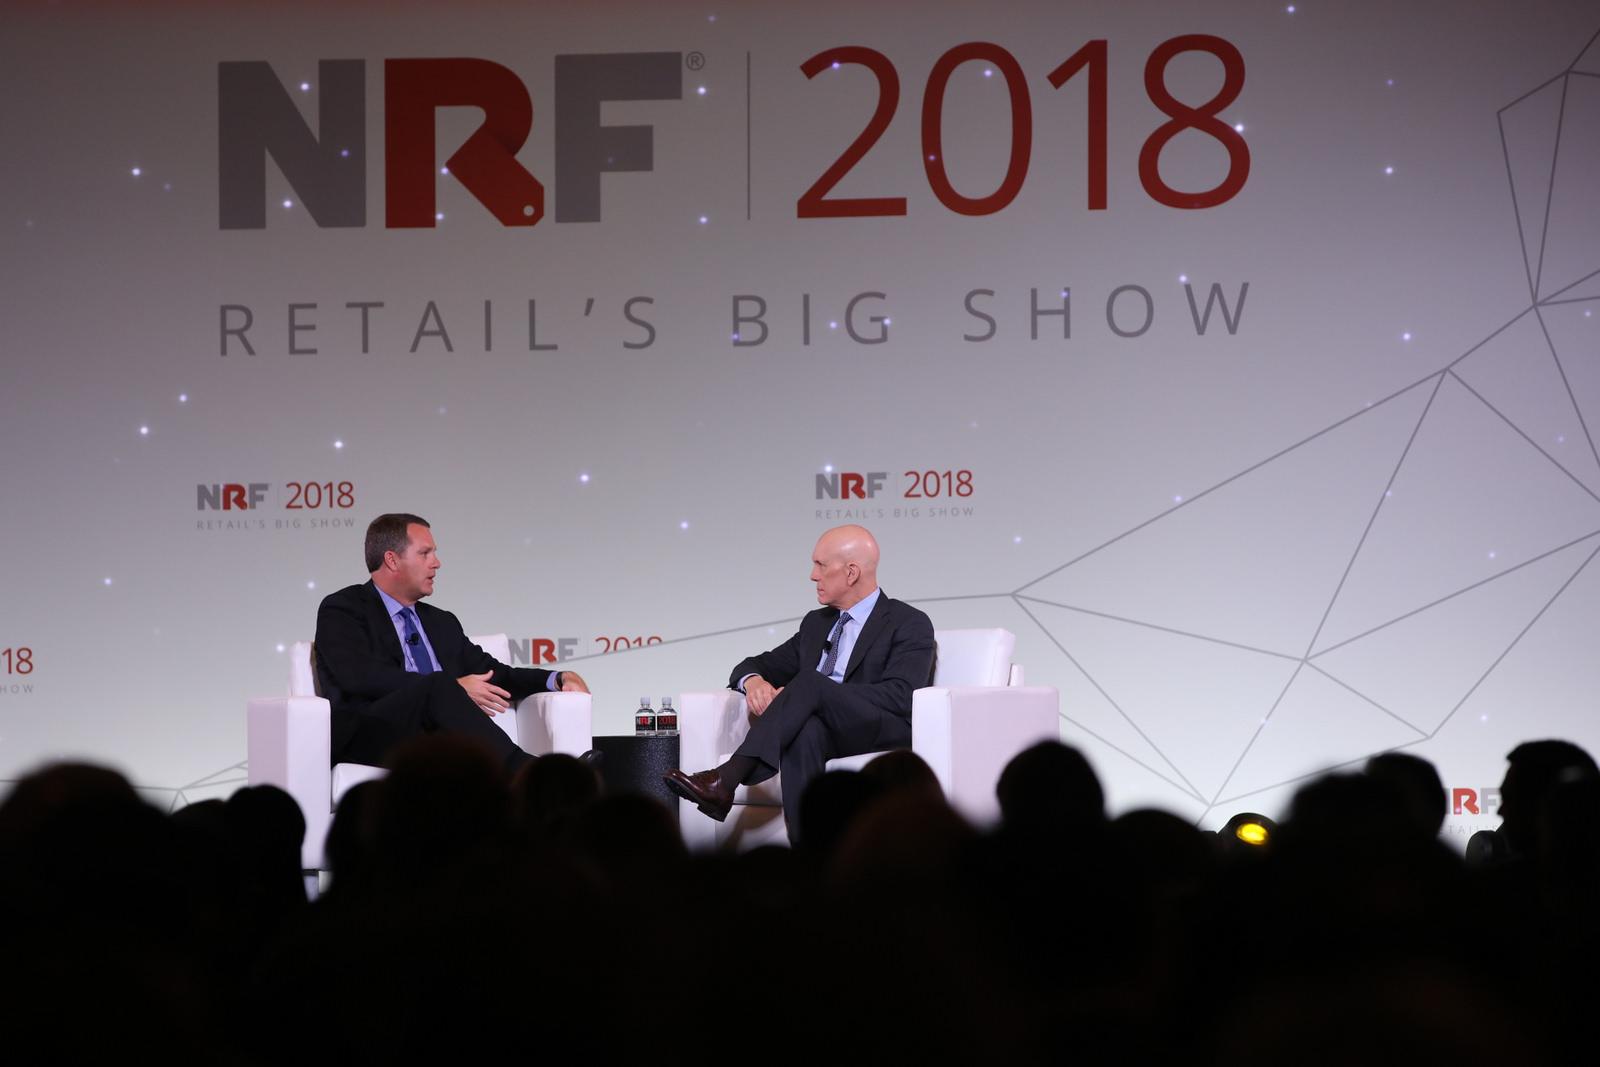 Doug Mc Millon à conversa com Mathew Shay, presidente da National Retail Federation, no primeiro dia do Retail's Big Show 2018